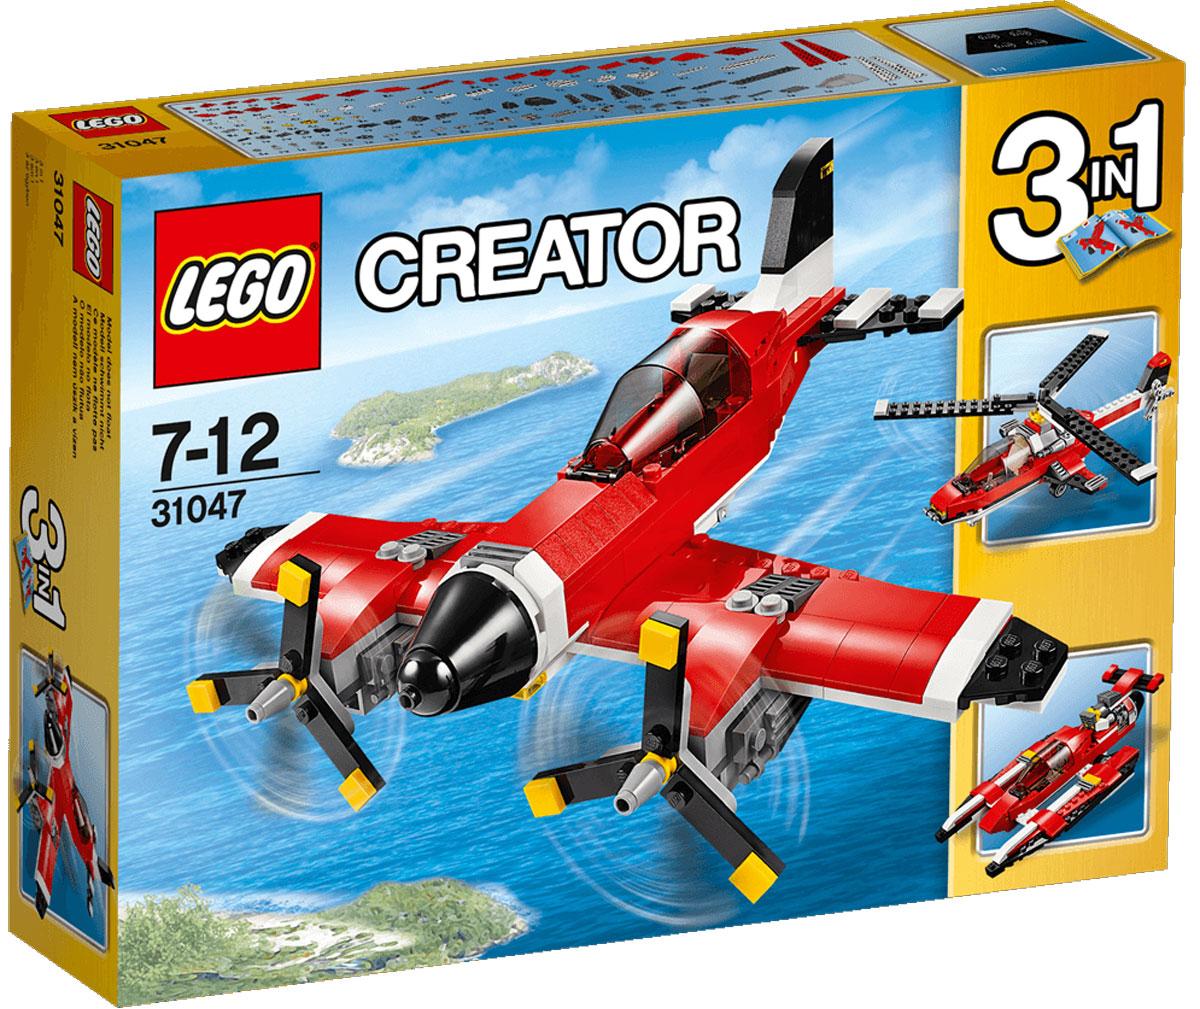 LEGO Creator Конструктор Путешествие по воздуху 31047 lego creator конструктор летающий робот 31034